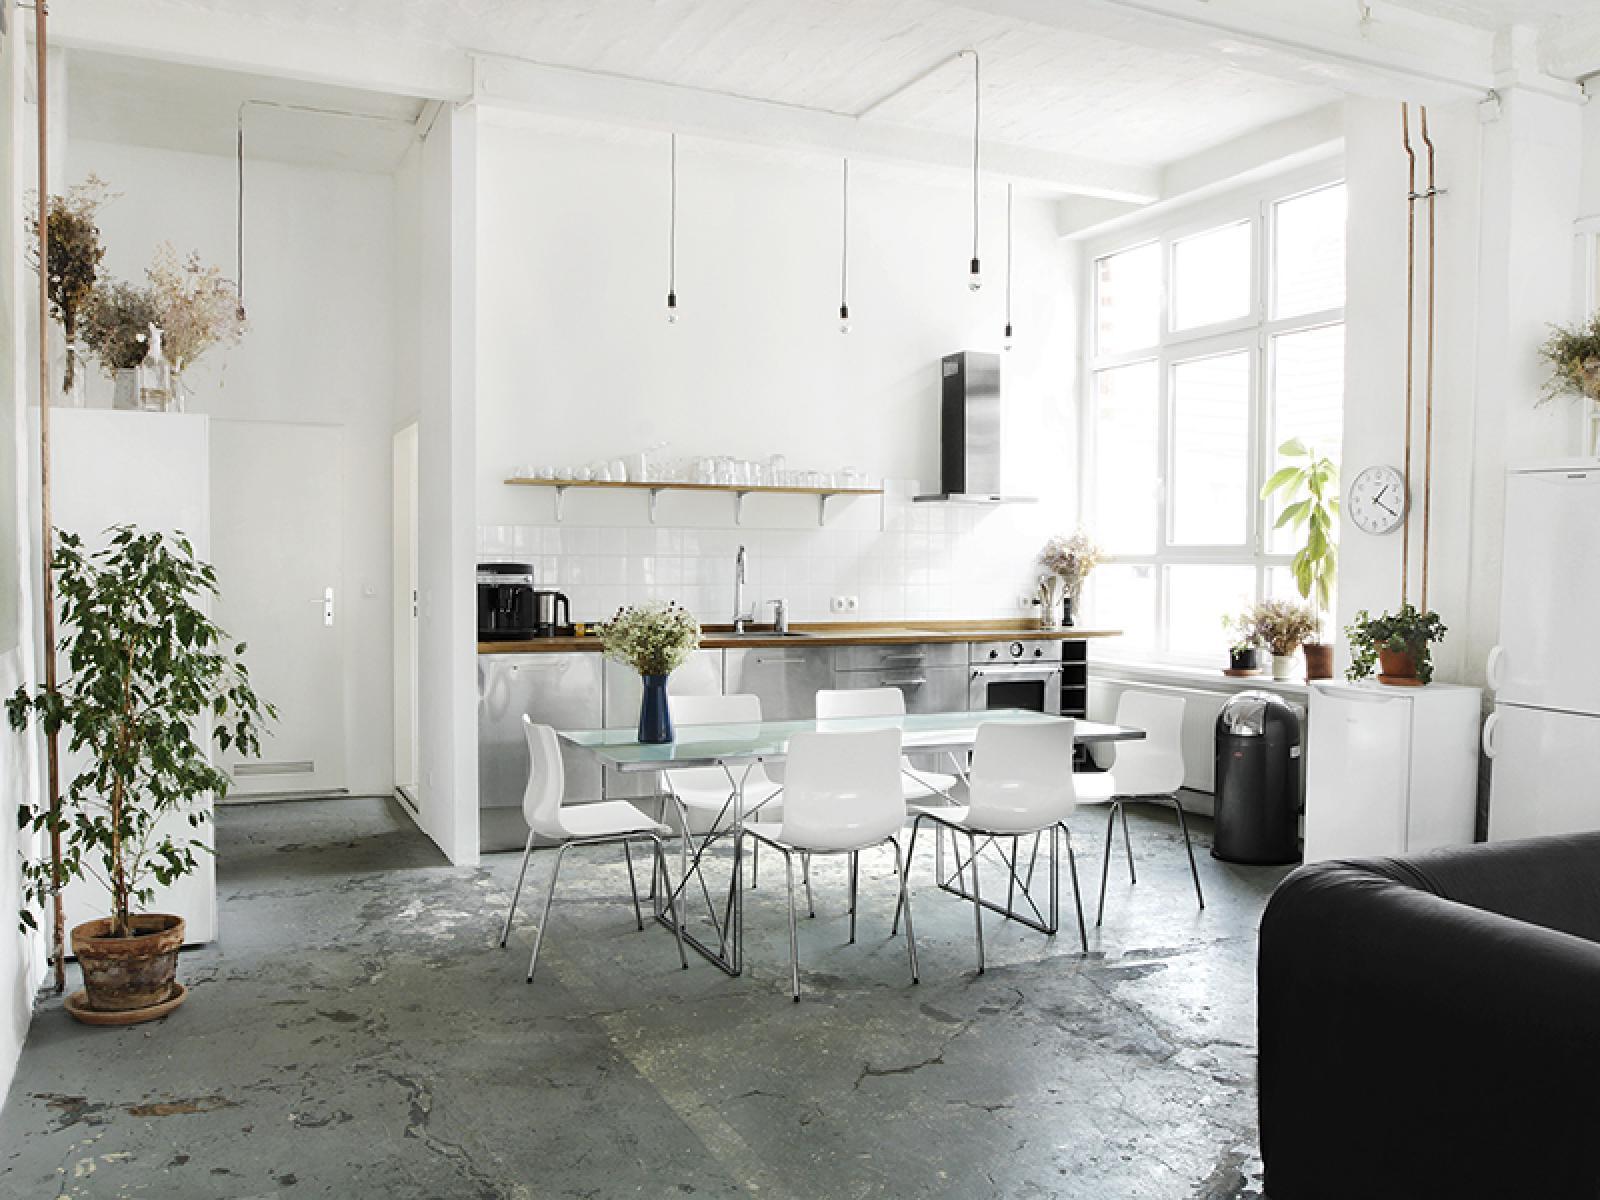 Charmant Großküche Design Brooklyn Fotos - Ideen Für Die Küche ...